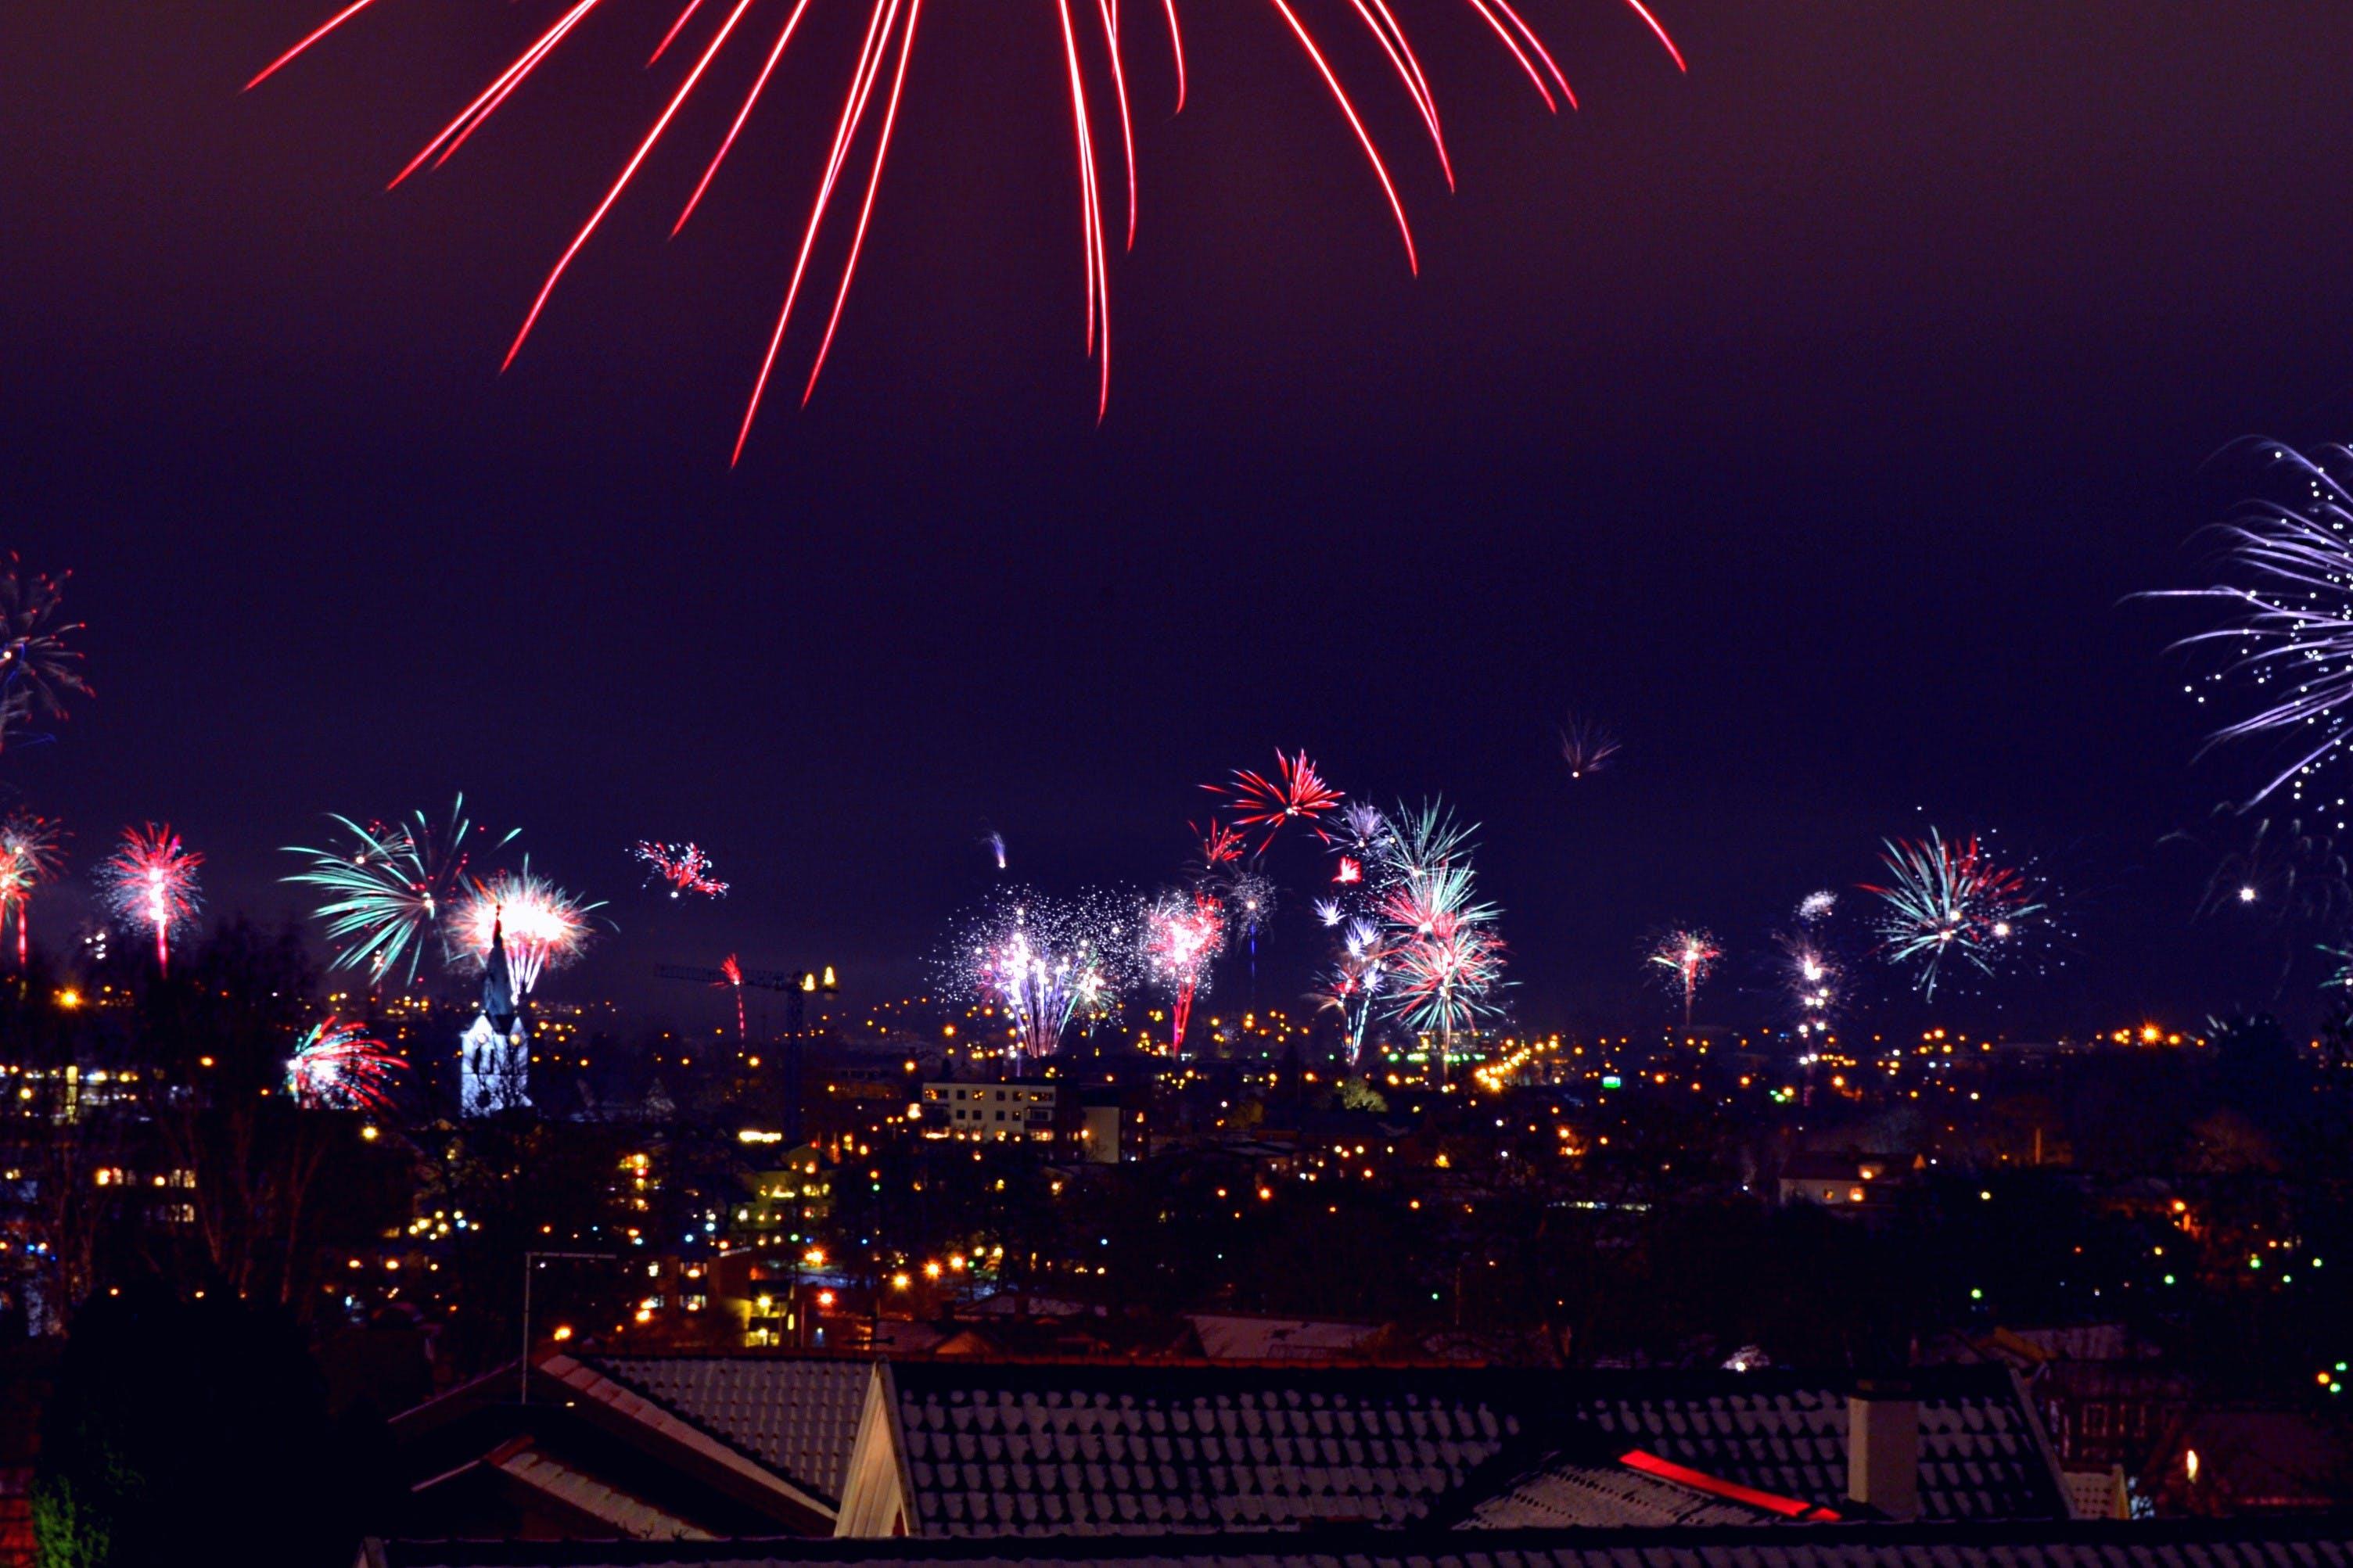 경치, 도시, 밤, 불꽃의 무료 스톡 사진